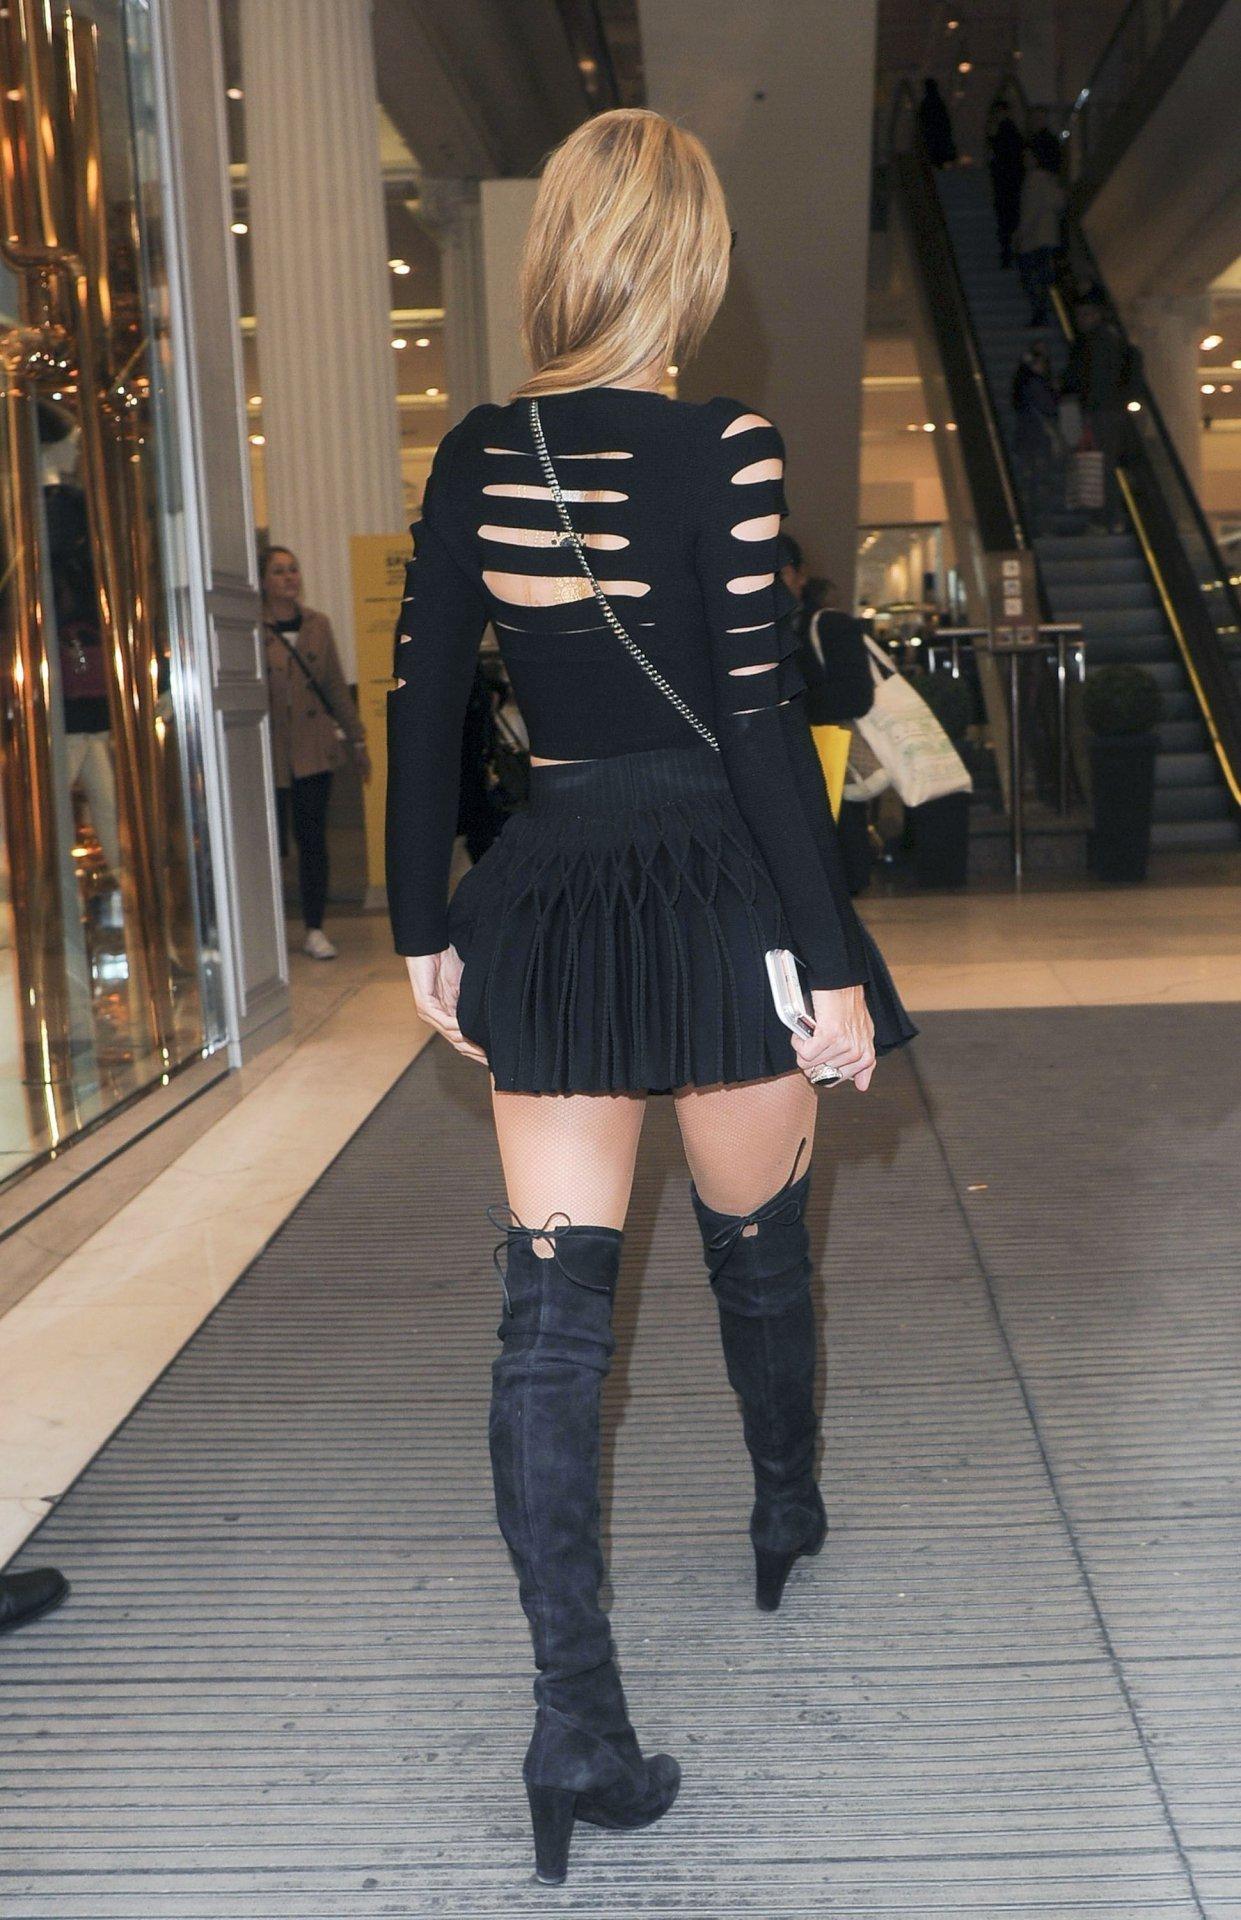 Пэрис Хилтон прогулялась по Лондону в стильном образе